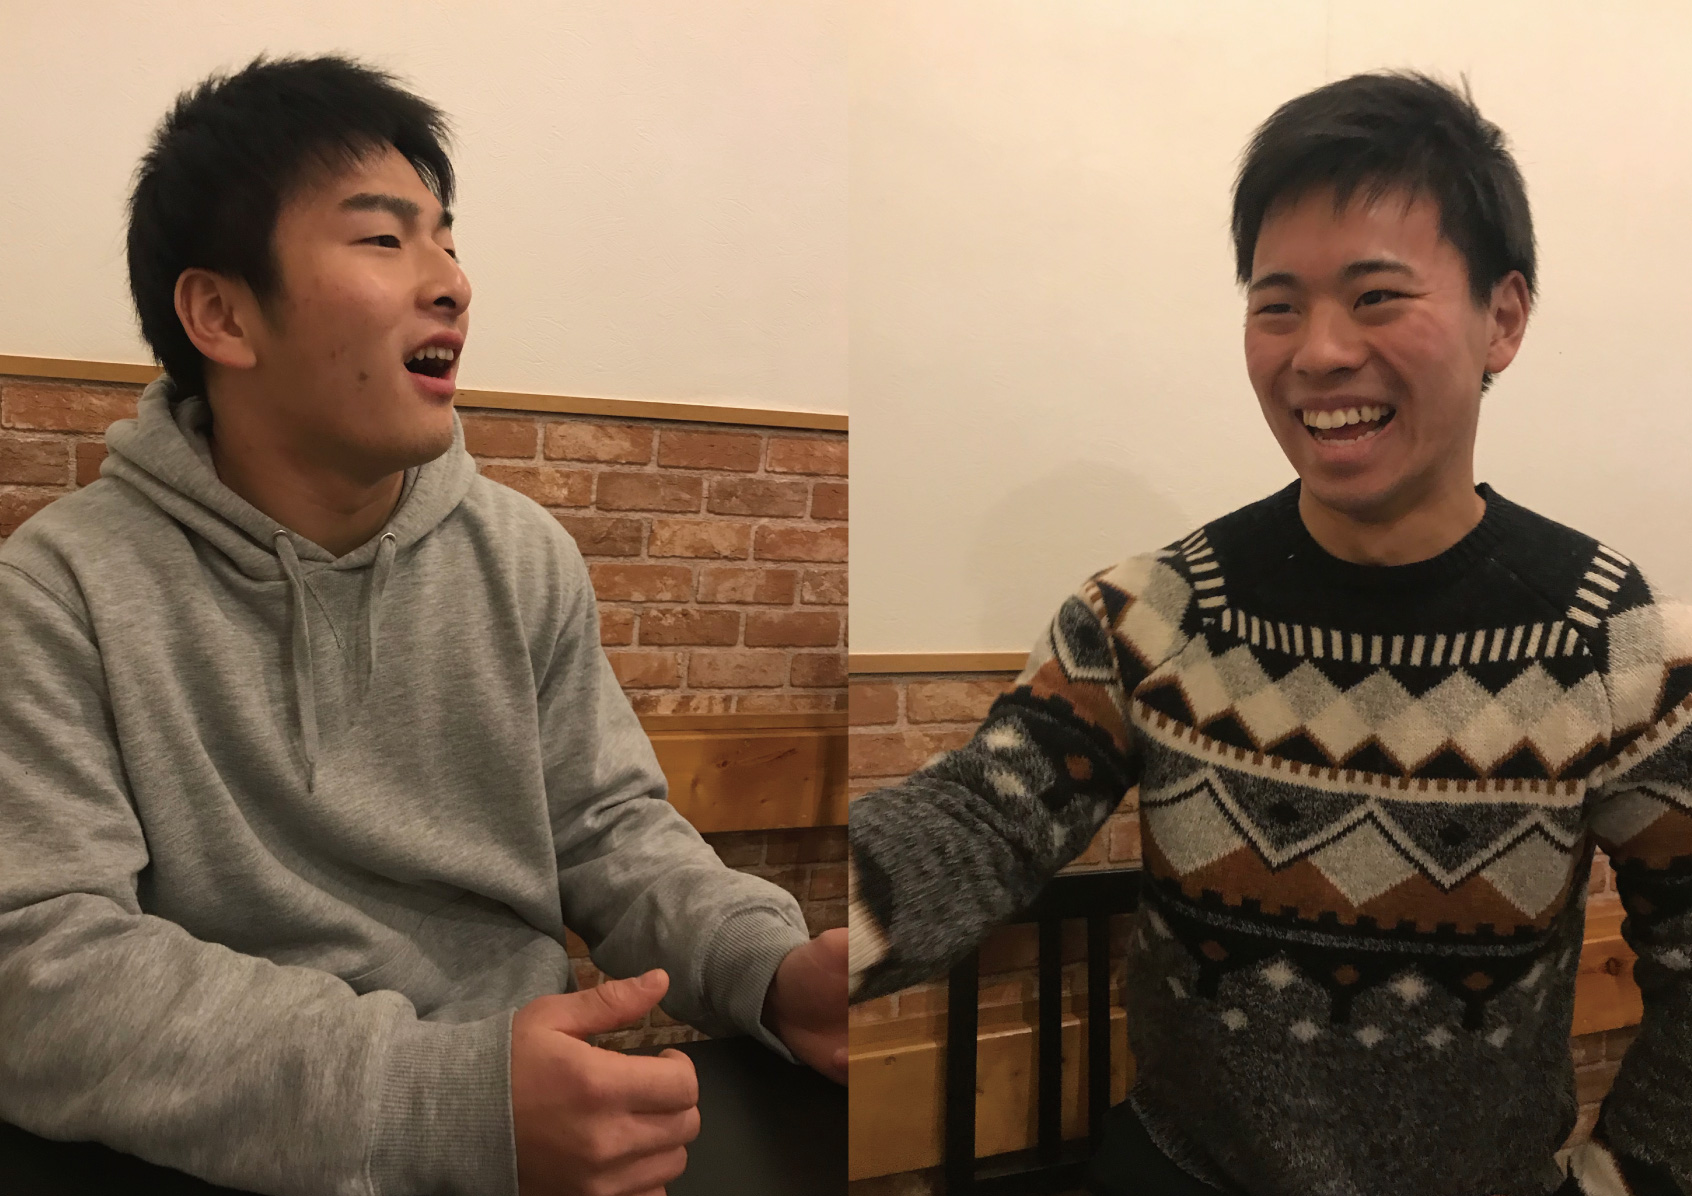 対談する元山選手(左)と佐藤選手